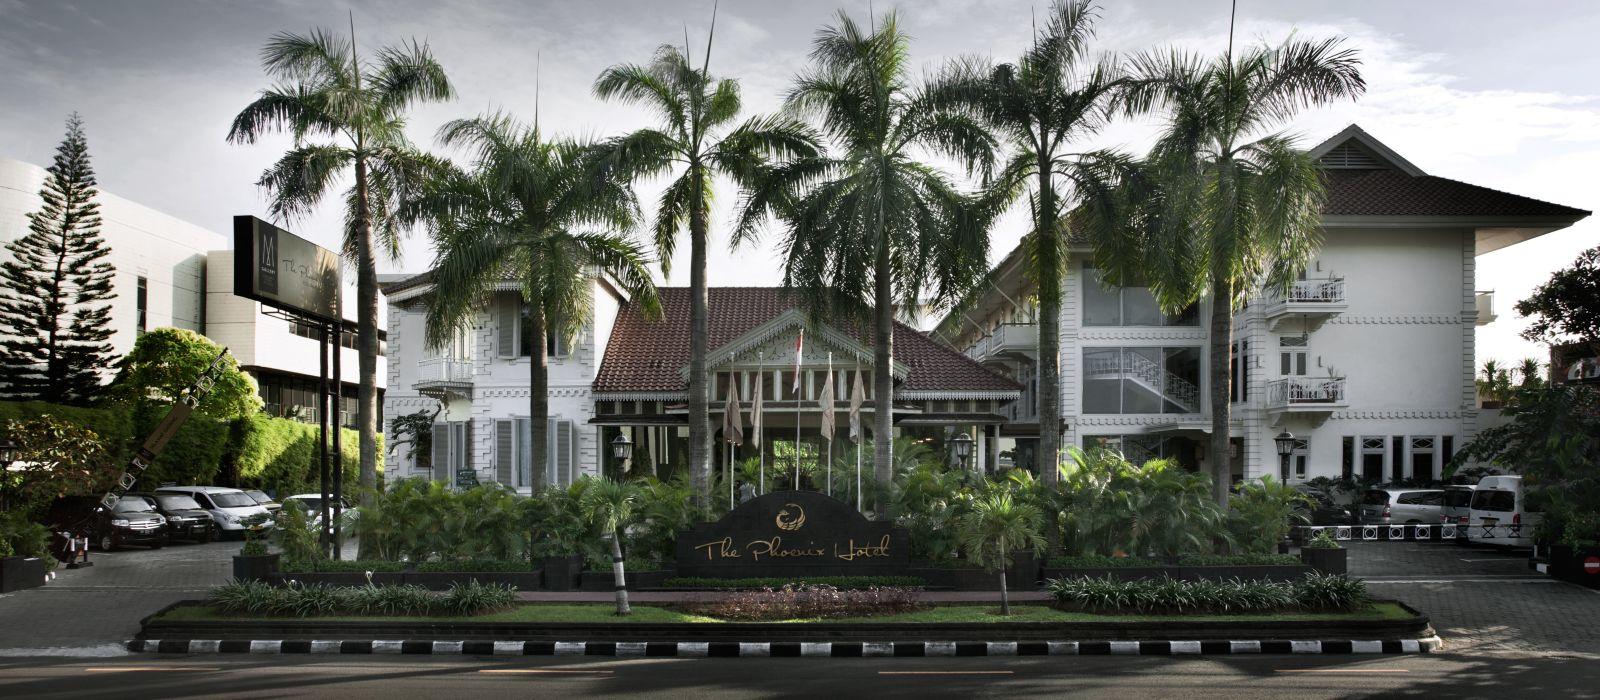 Hotel The Phoenix  Yogyakarta MGallery by Sofitel Indonesia